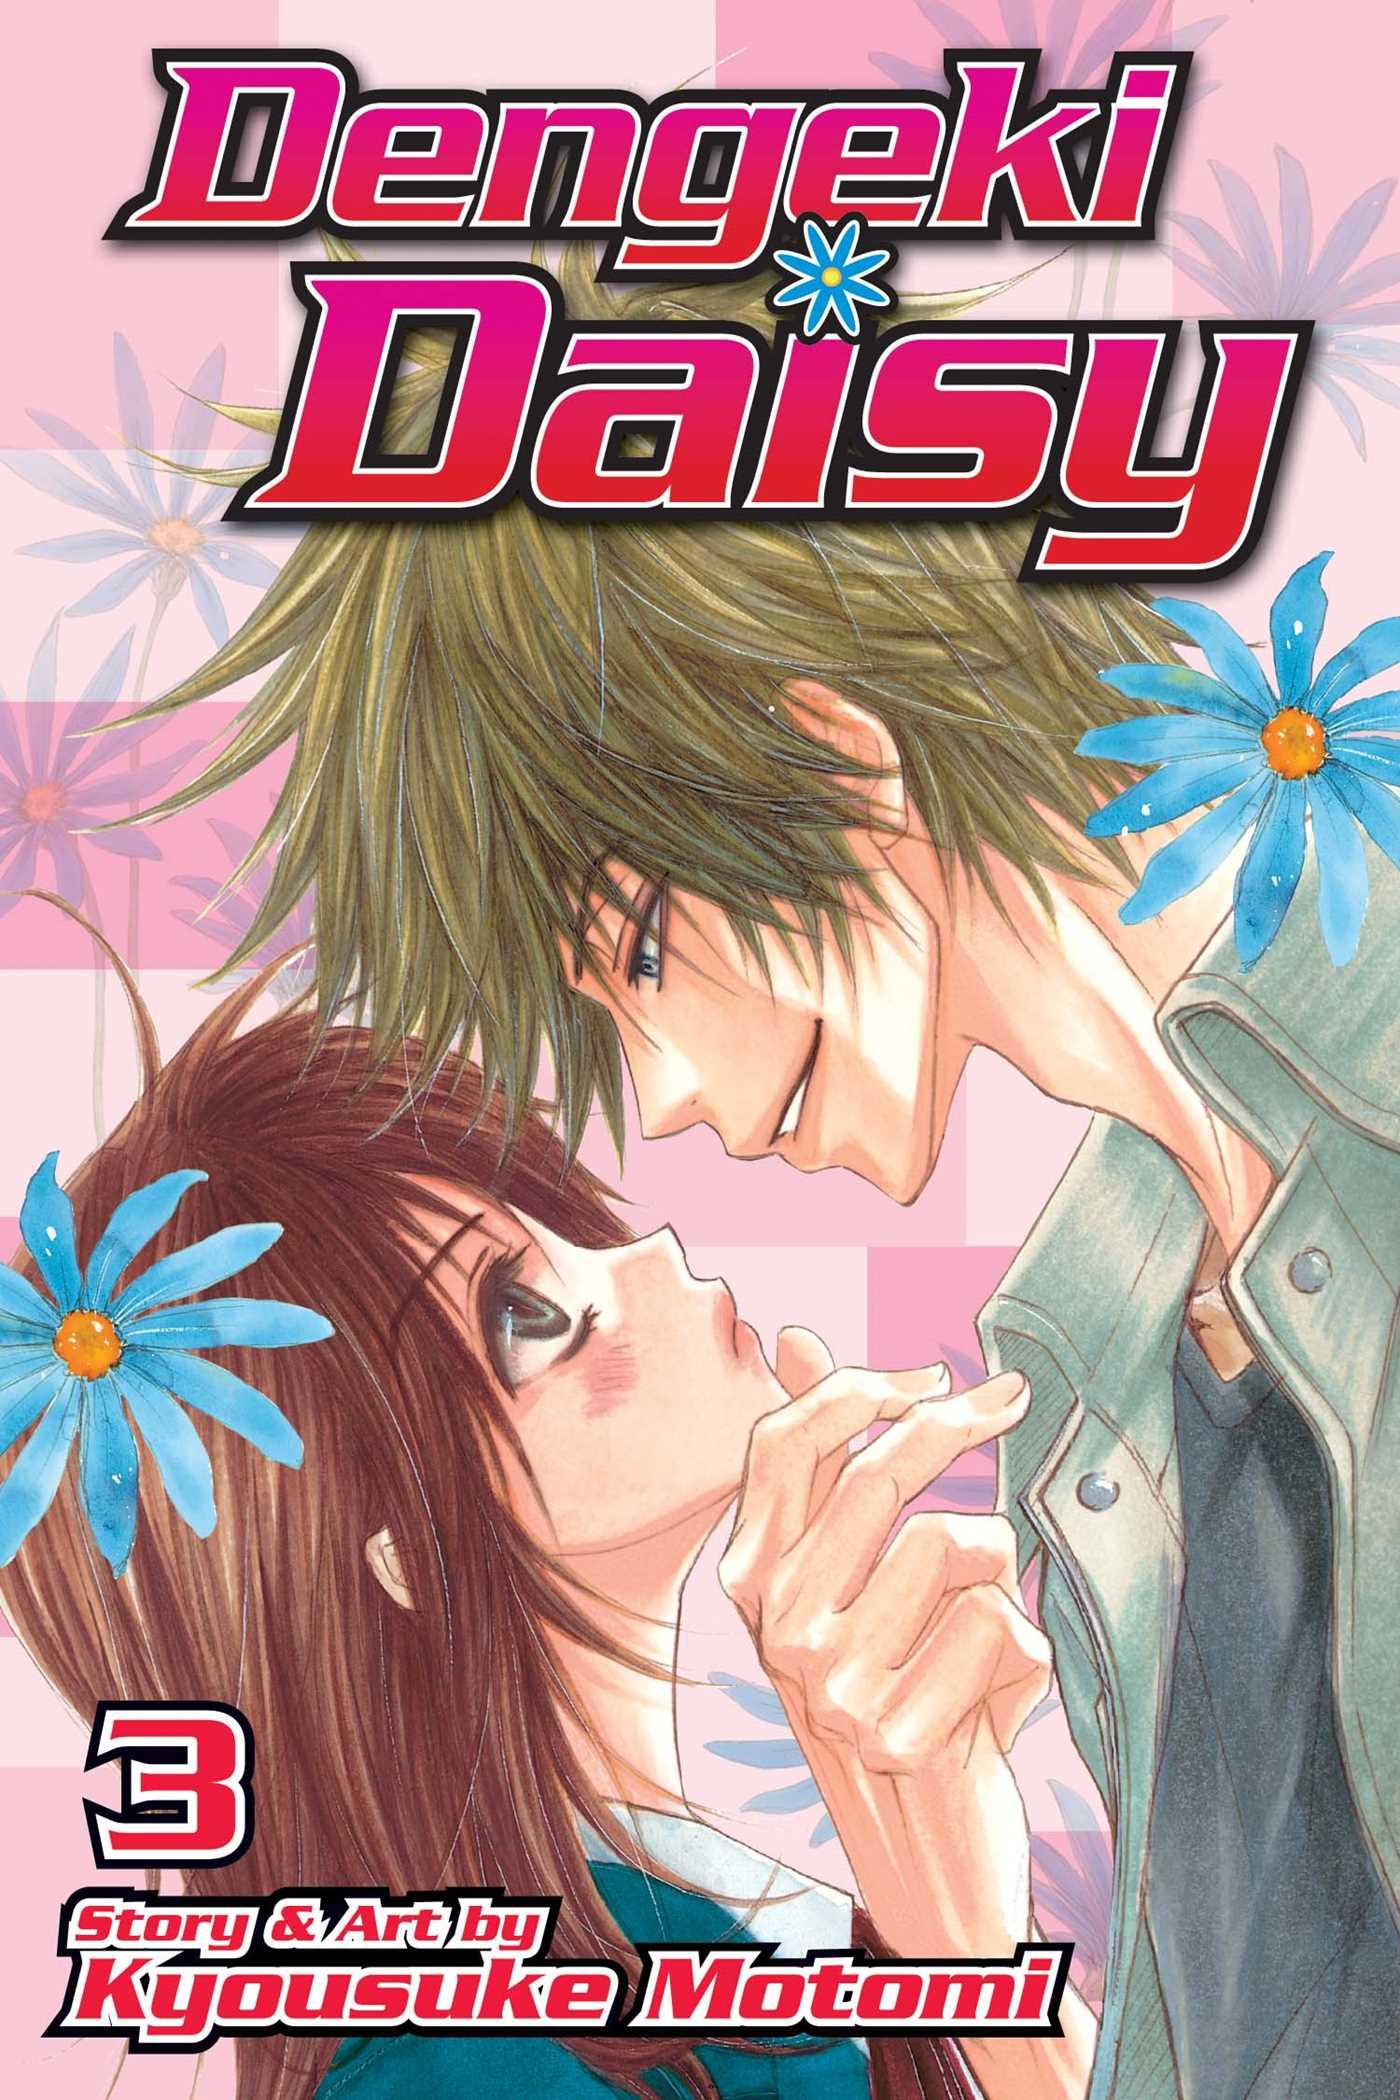 Dengeki daisy vol 3 9781421537290 hr